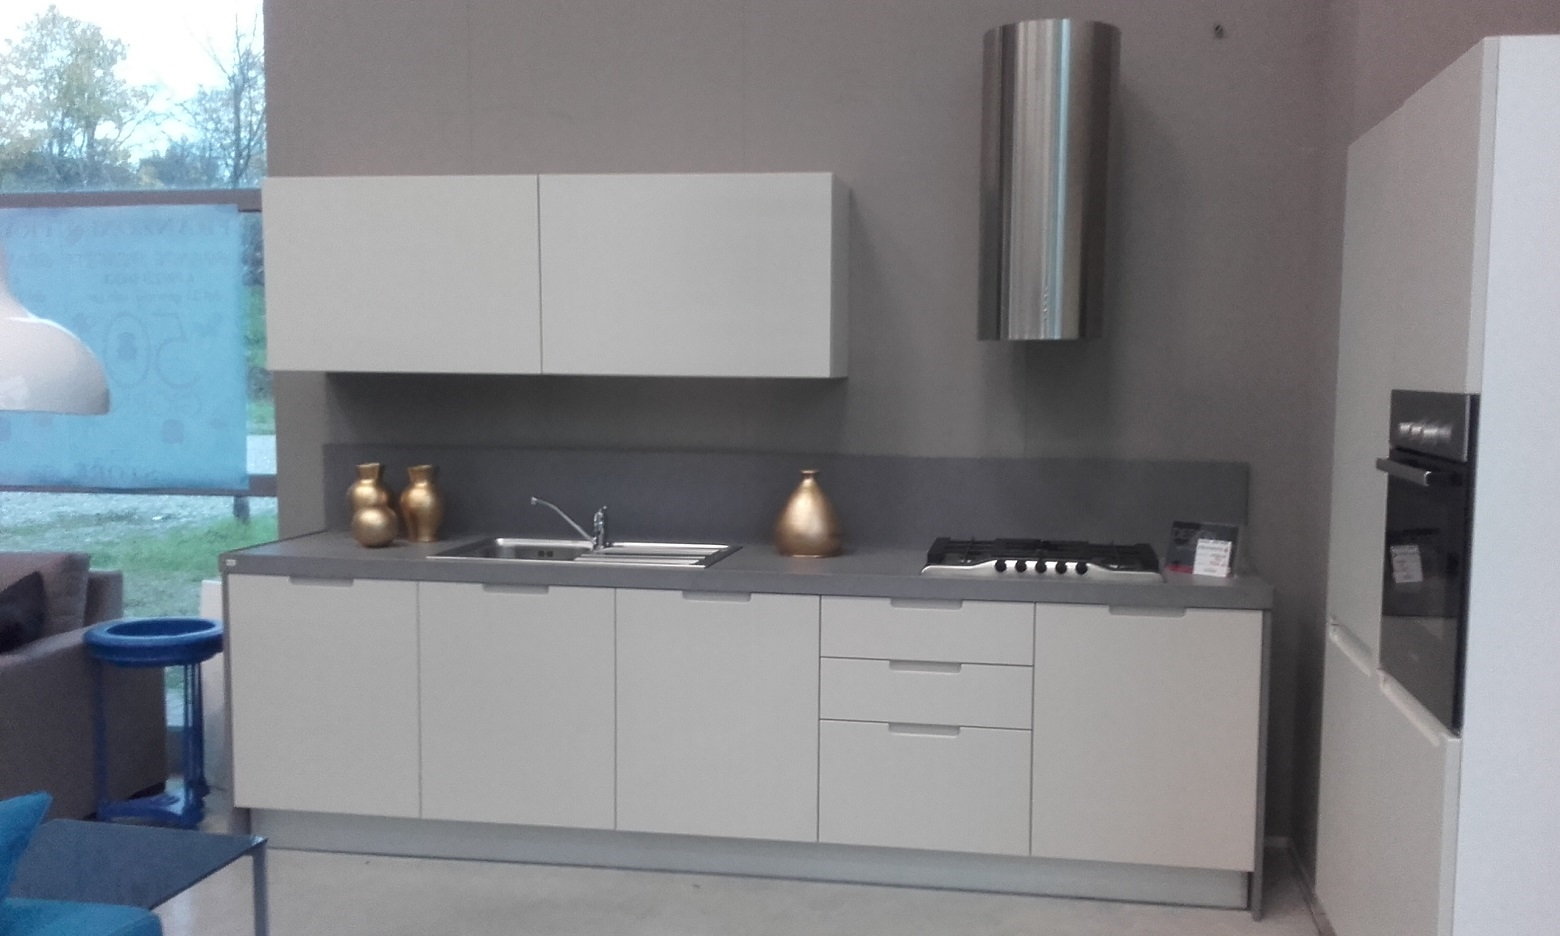 Cucina miton laminato design cucine a prezzi scontati - Miton cucine prezzi ...